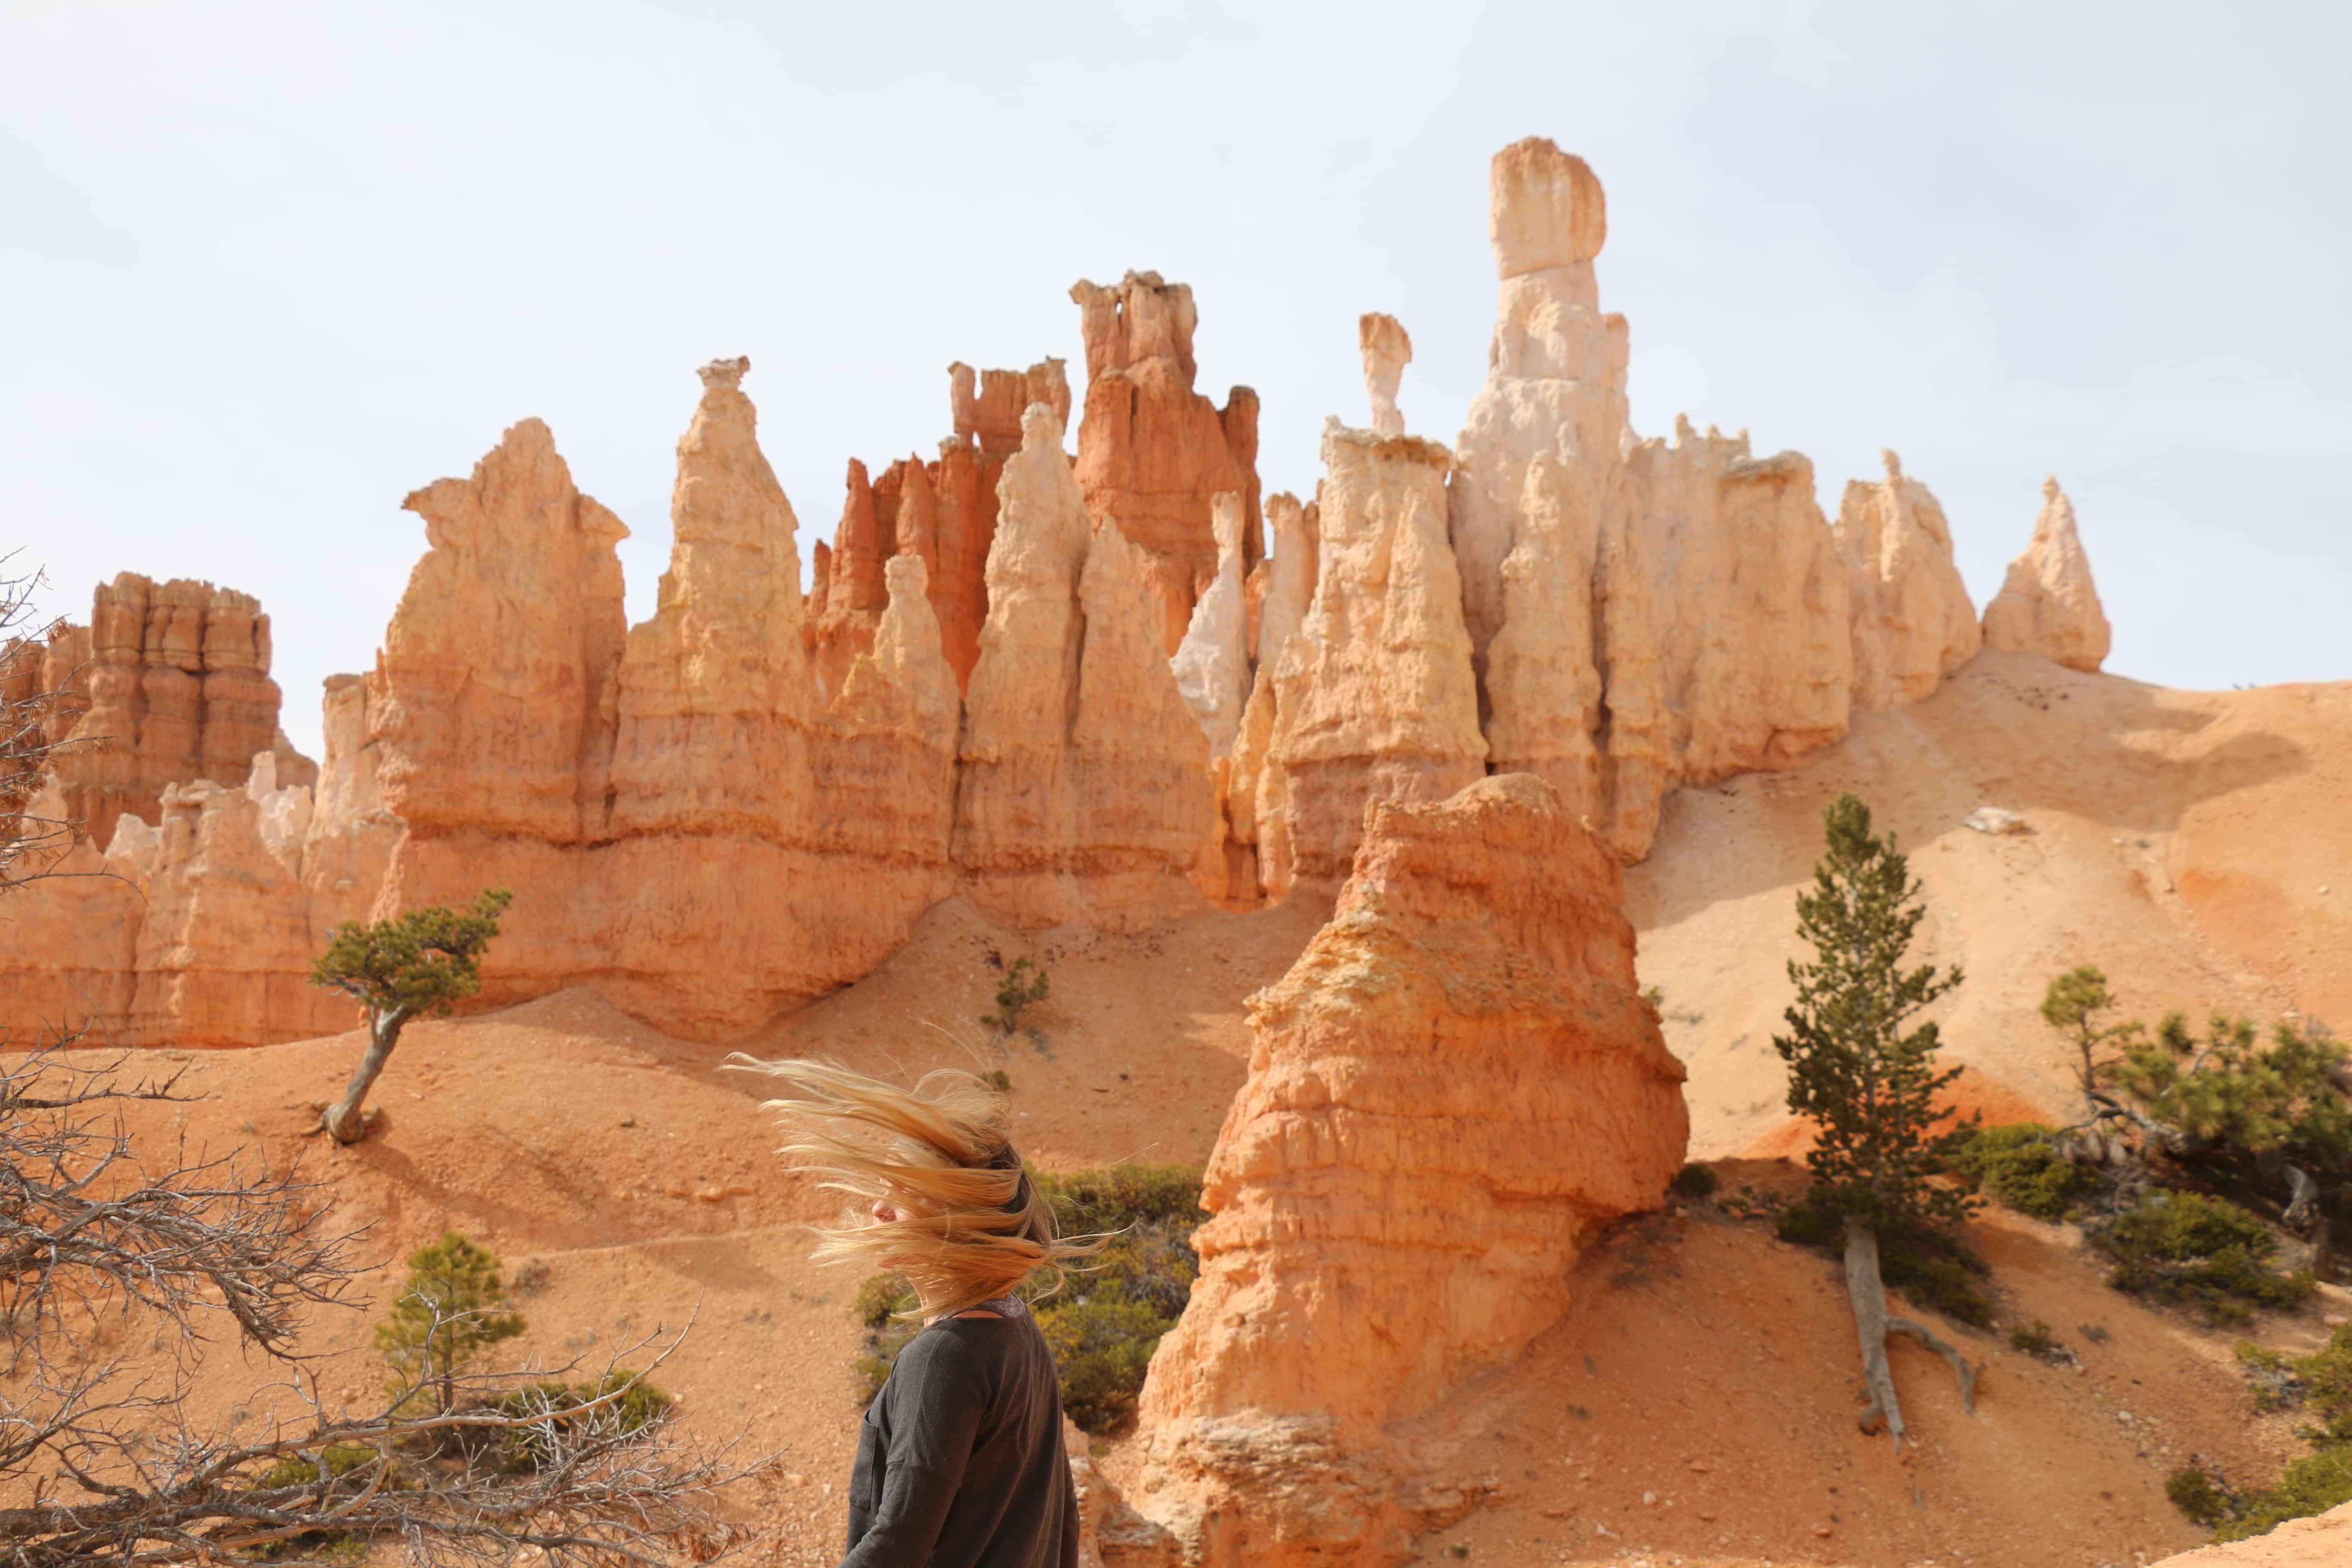 Shalee at Bryce Canyon National Park